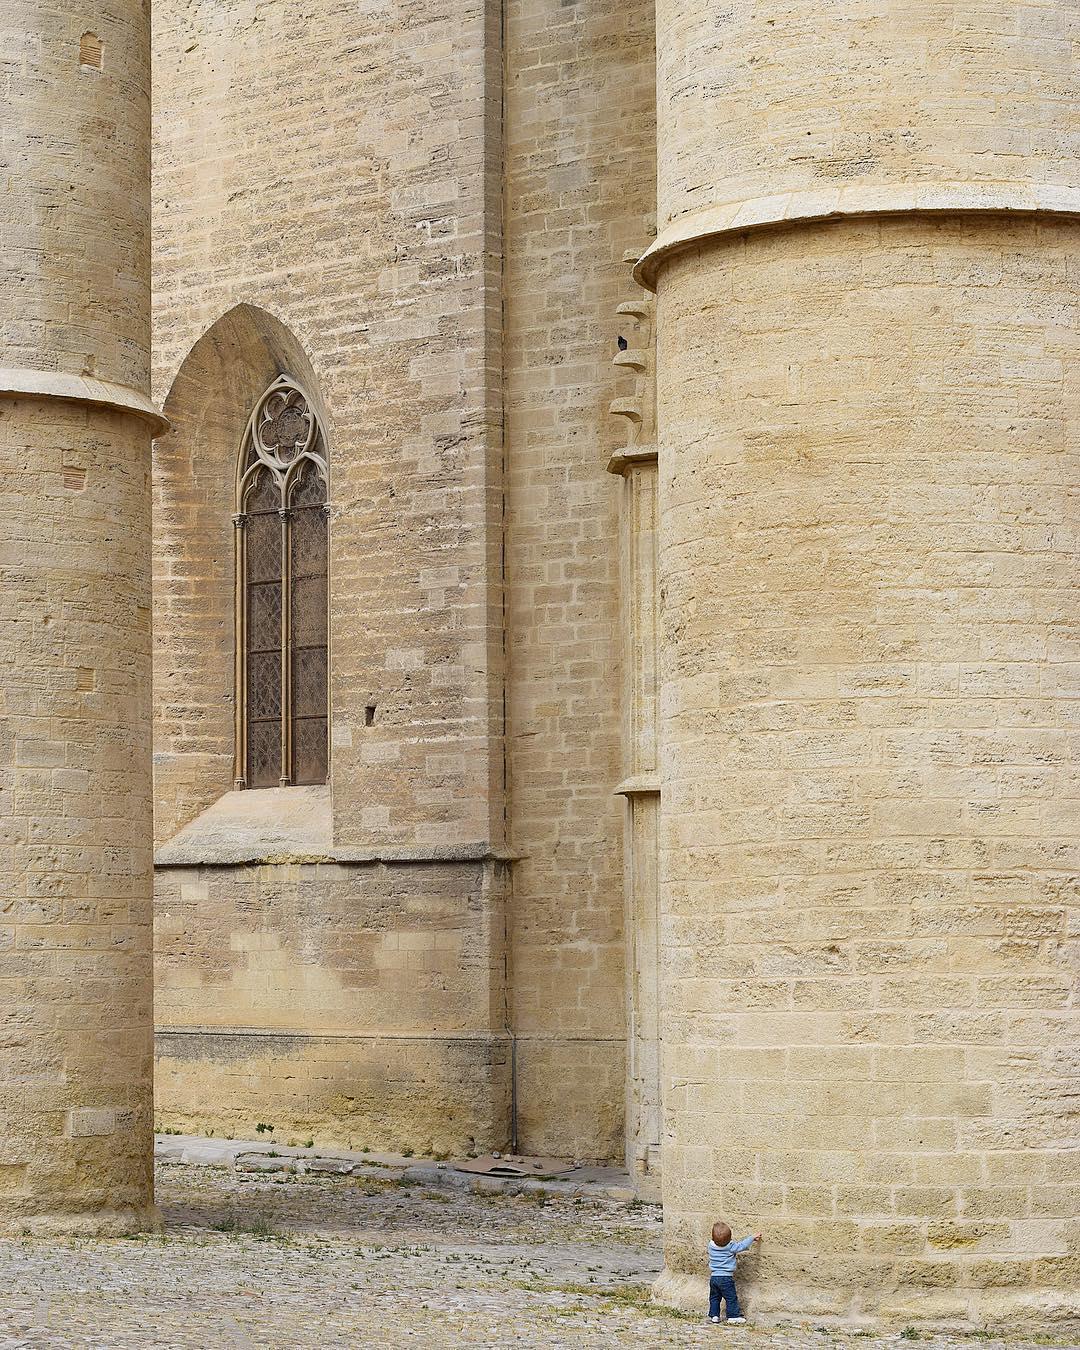 Cette année les #JEP  @jepofficiel ont pour thème #jeunesseetpatrimoine ? Cette photo le représente plutôt bien, NOn ?! . ? Petit bonhomme en bas à droite ?? . ➕ Journées Européennes du Patrimoine 2017 . ? Montpellier(34)?? .  _______________ #jep2017 #jep17 #jepmontpellier #jepmtp #jep #journeeseuropeennesdupatrimoine #patrimoine #culture #patrimoine  #montpellier #pintademontpellier #blogtrip #travel #travelblog #travelblogger #citytripmontpellier #travelphotography #jeunesse #jeunesseetpatrimoine #ConcoursJEP